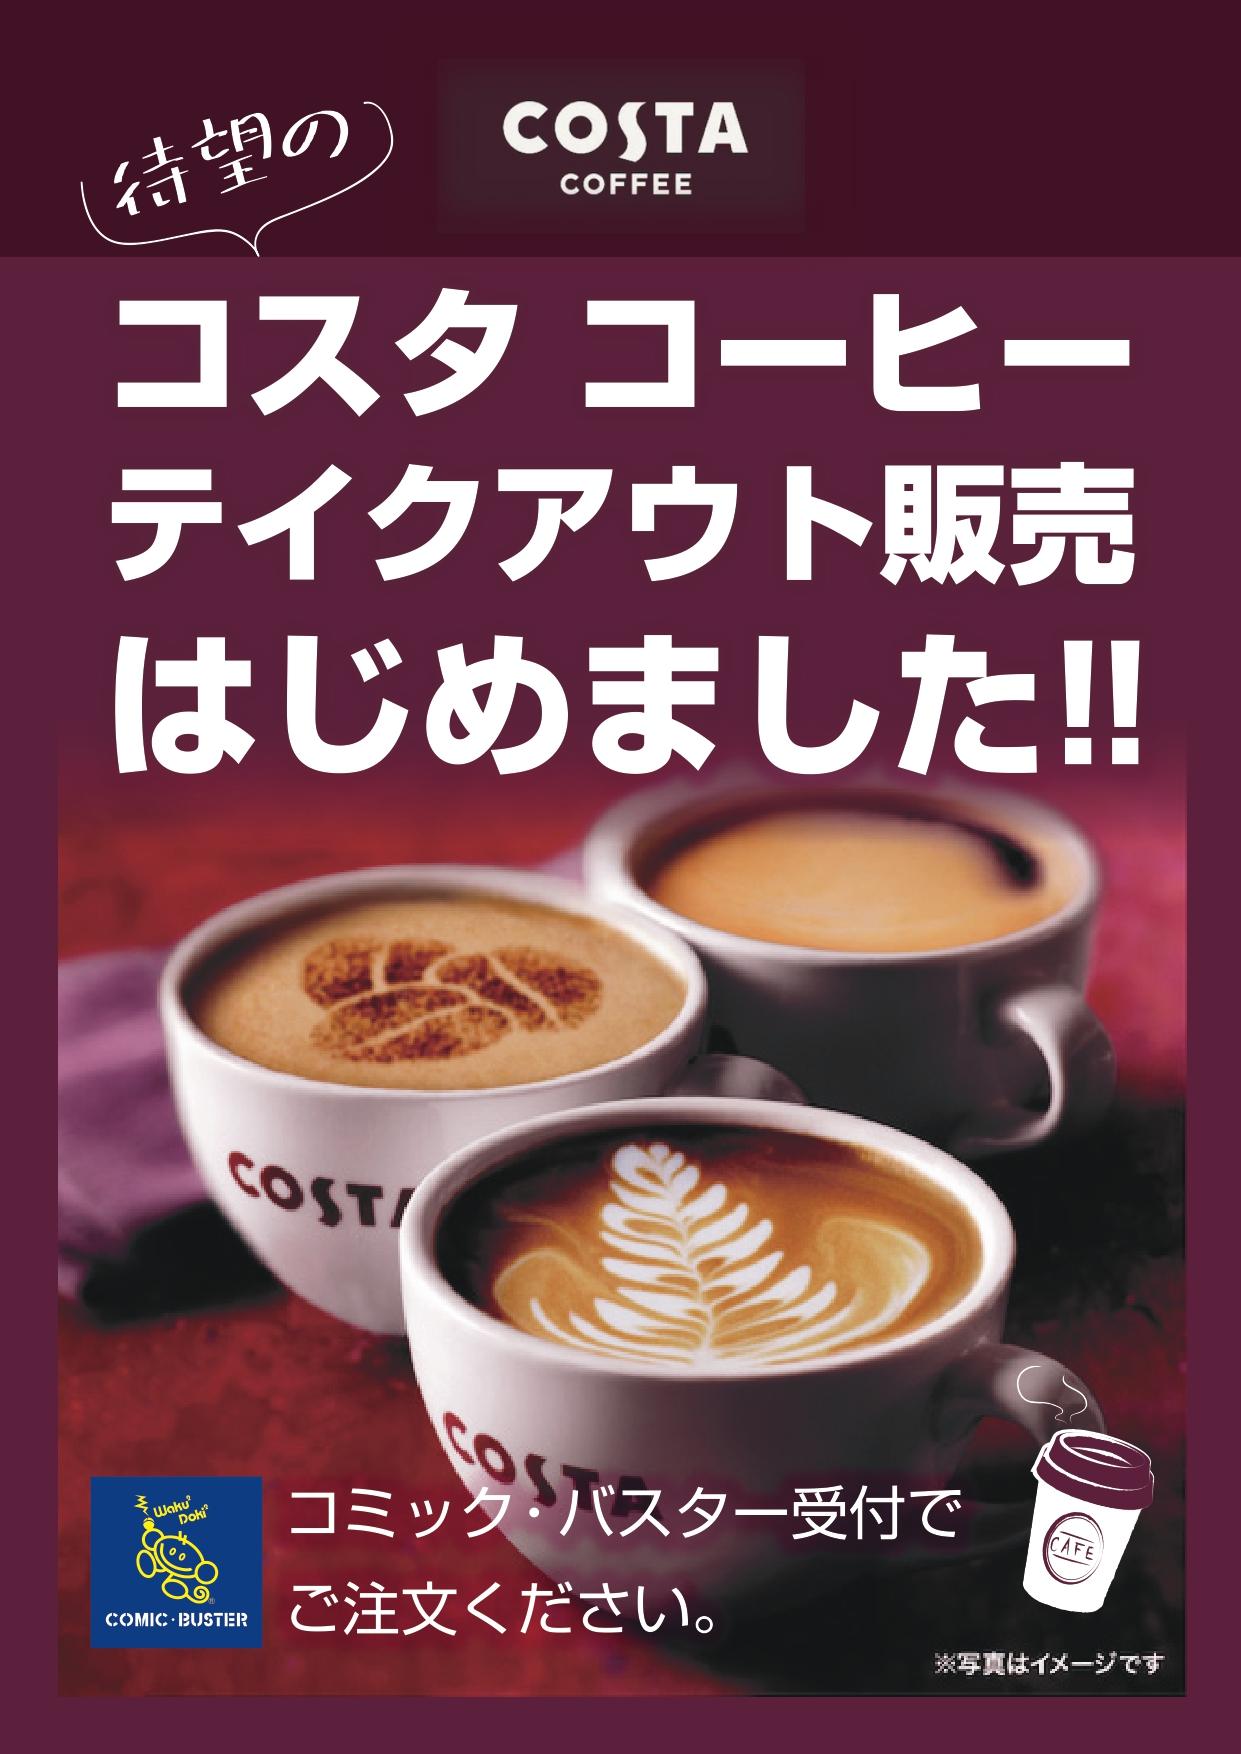 コスタコーヒーテイクアウト販売